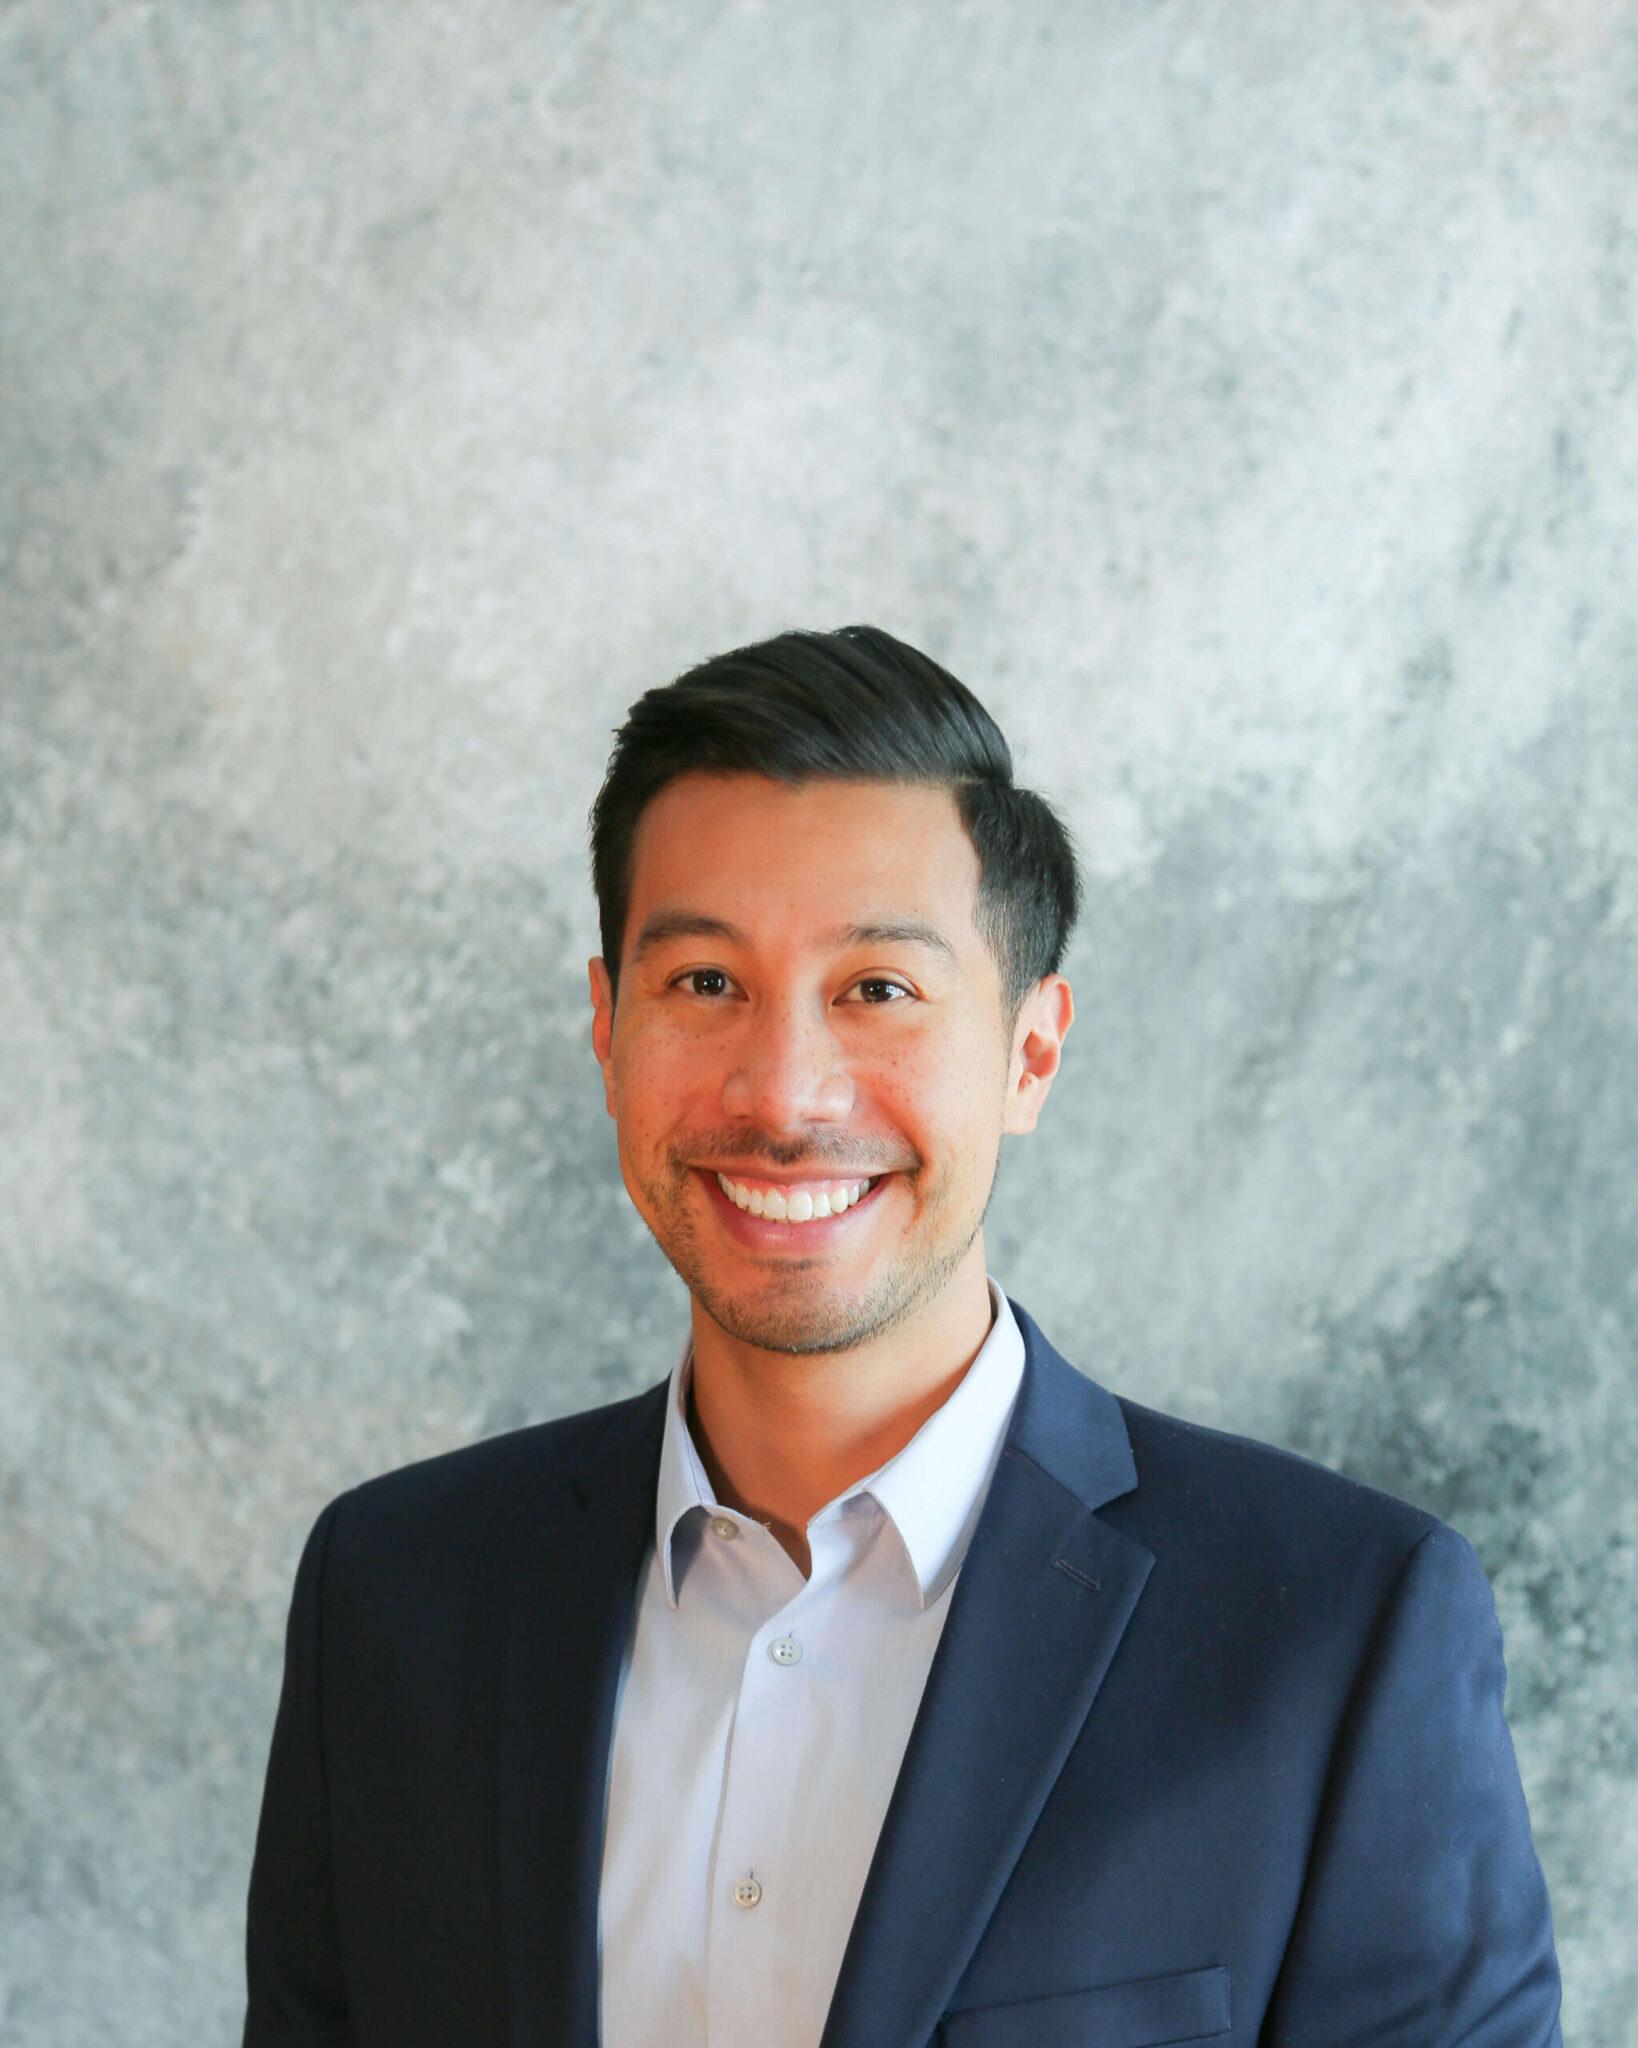 Andrew Zaragoza DDS